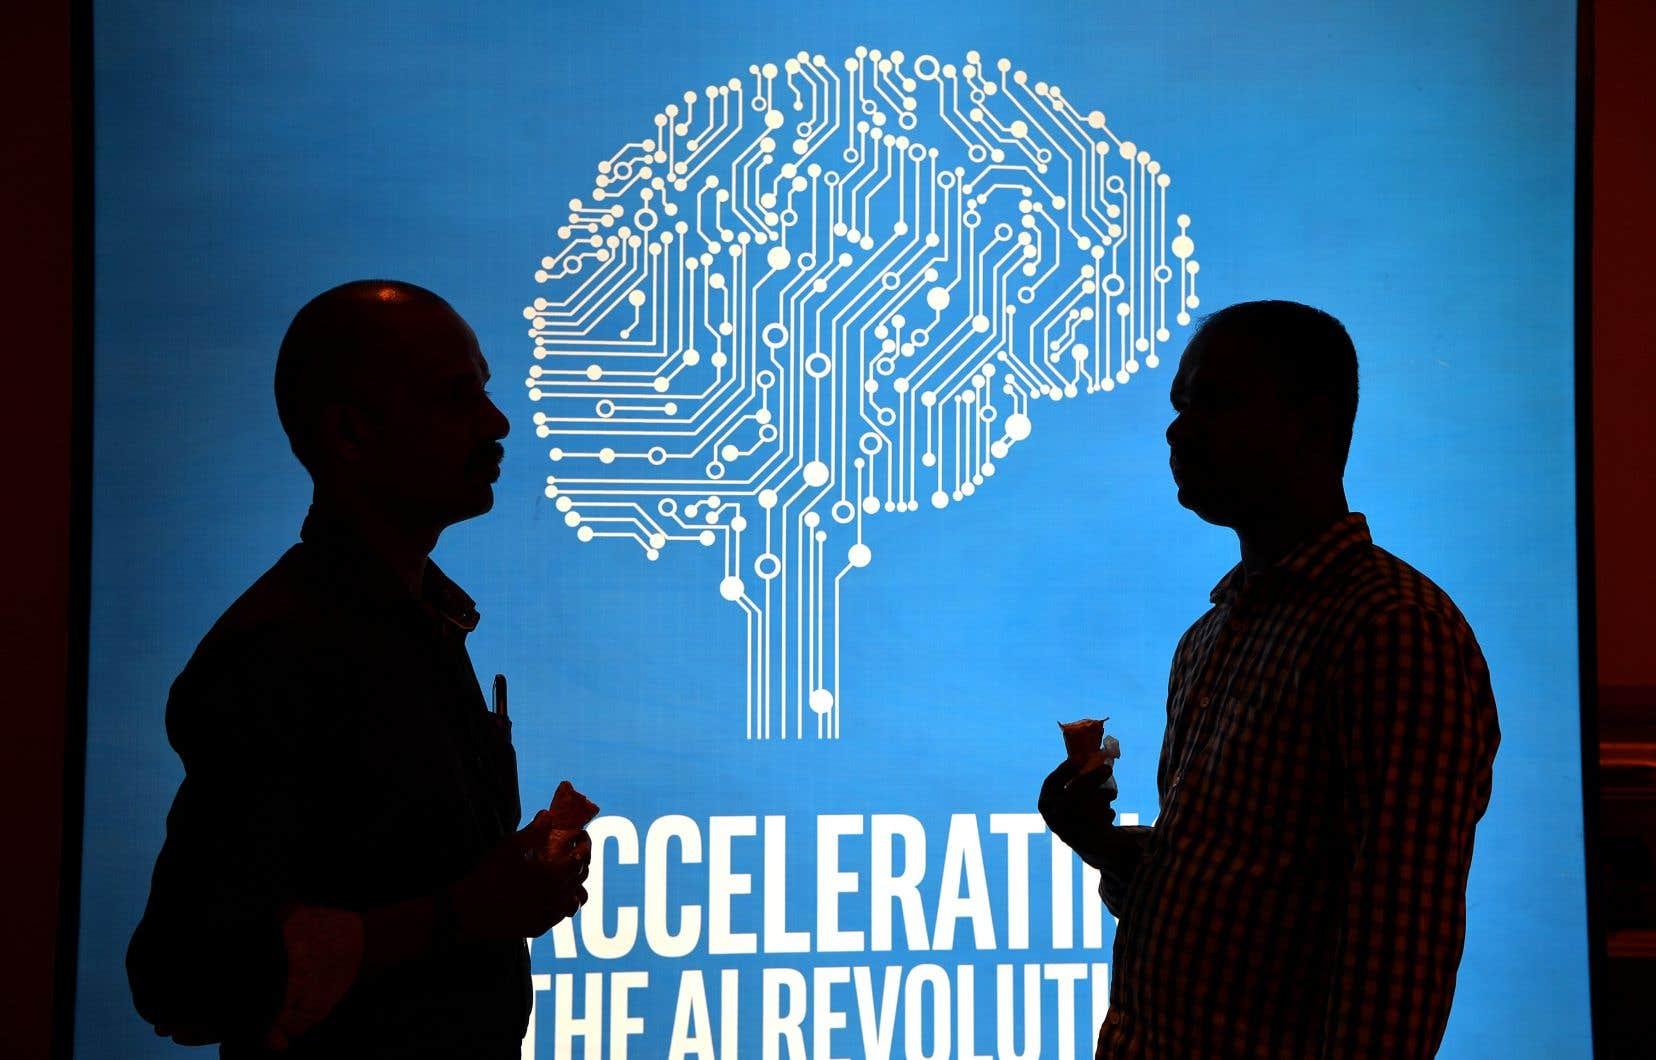 «Les risques s'amenuisent pour les start-ups en IA, selon les auteurs. L'argent public les finance, et les administrations publiques achètent leurs produits.»